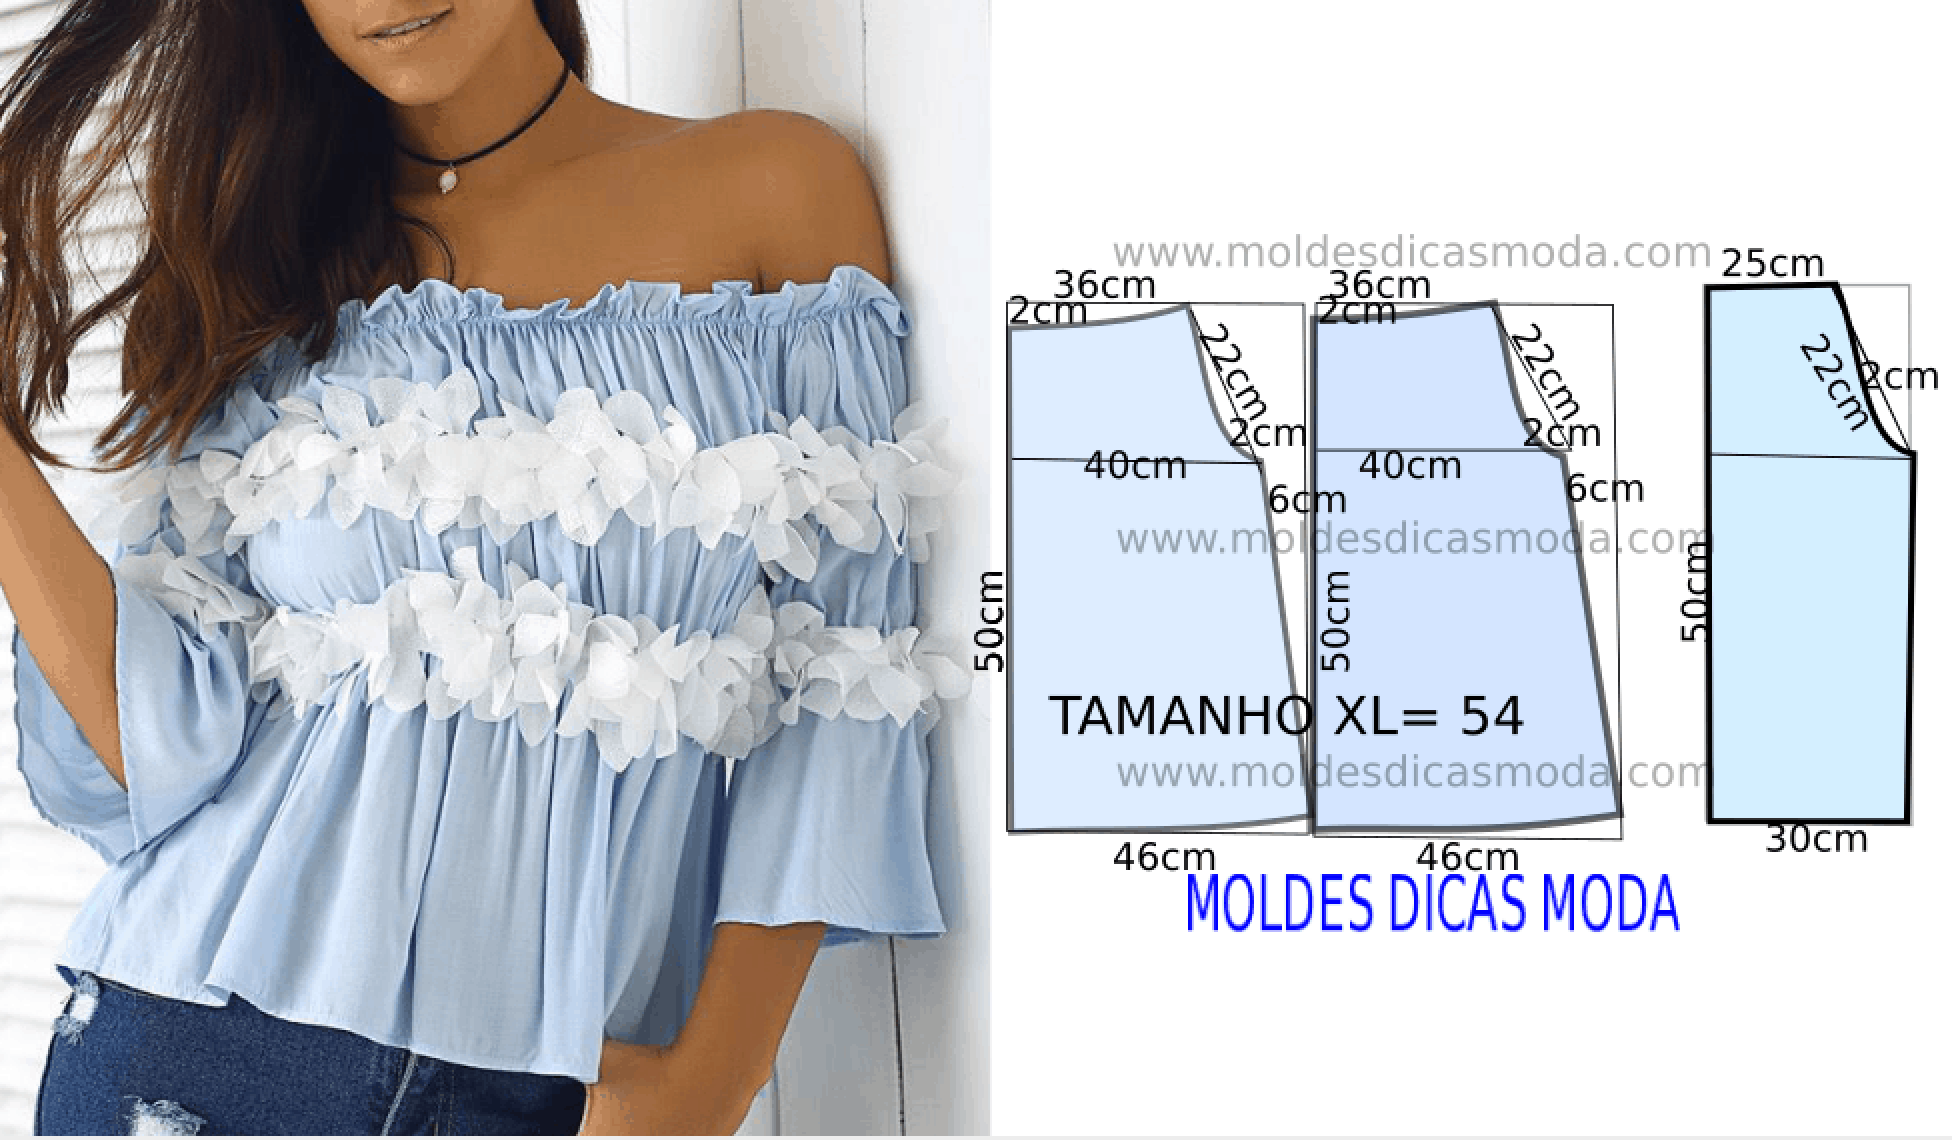 blusa da moda 2017